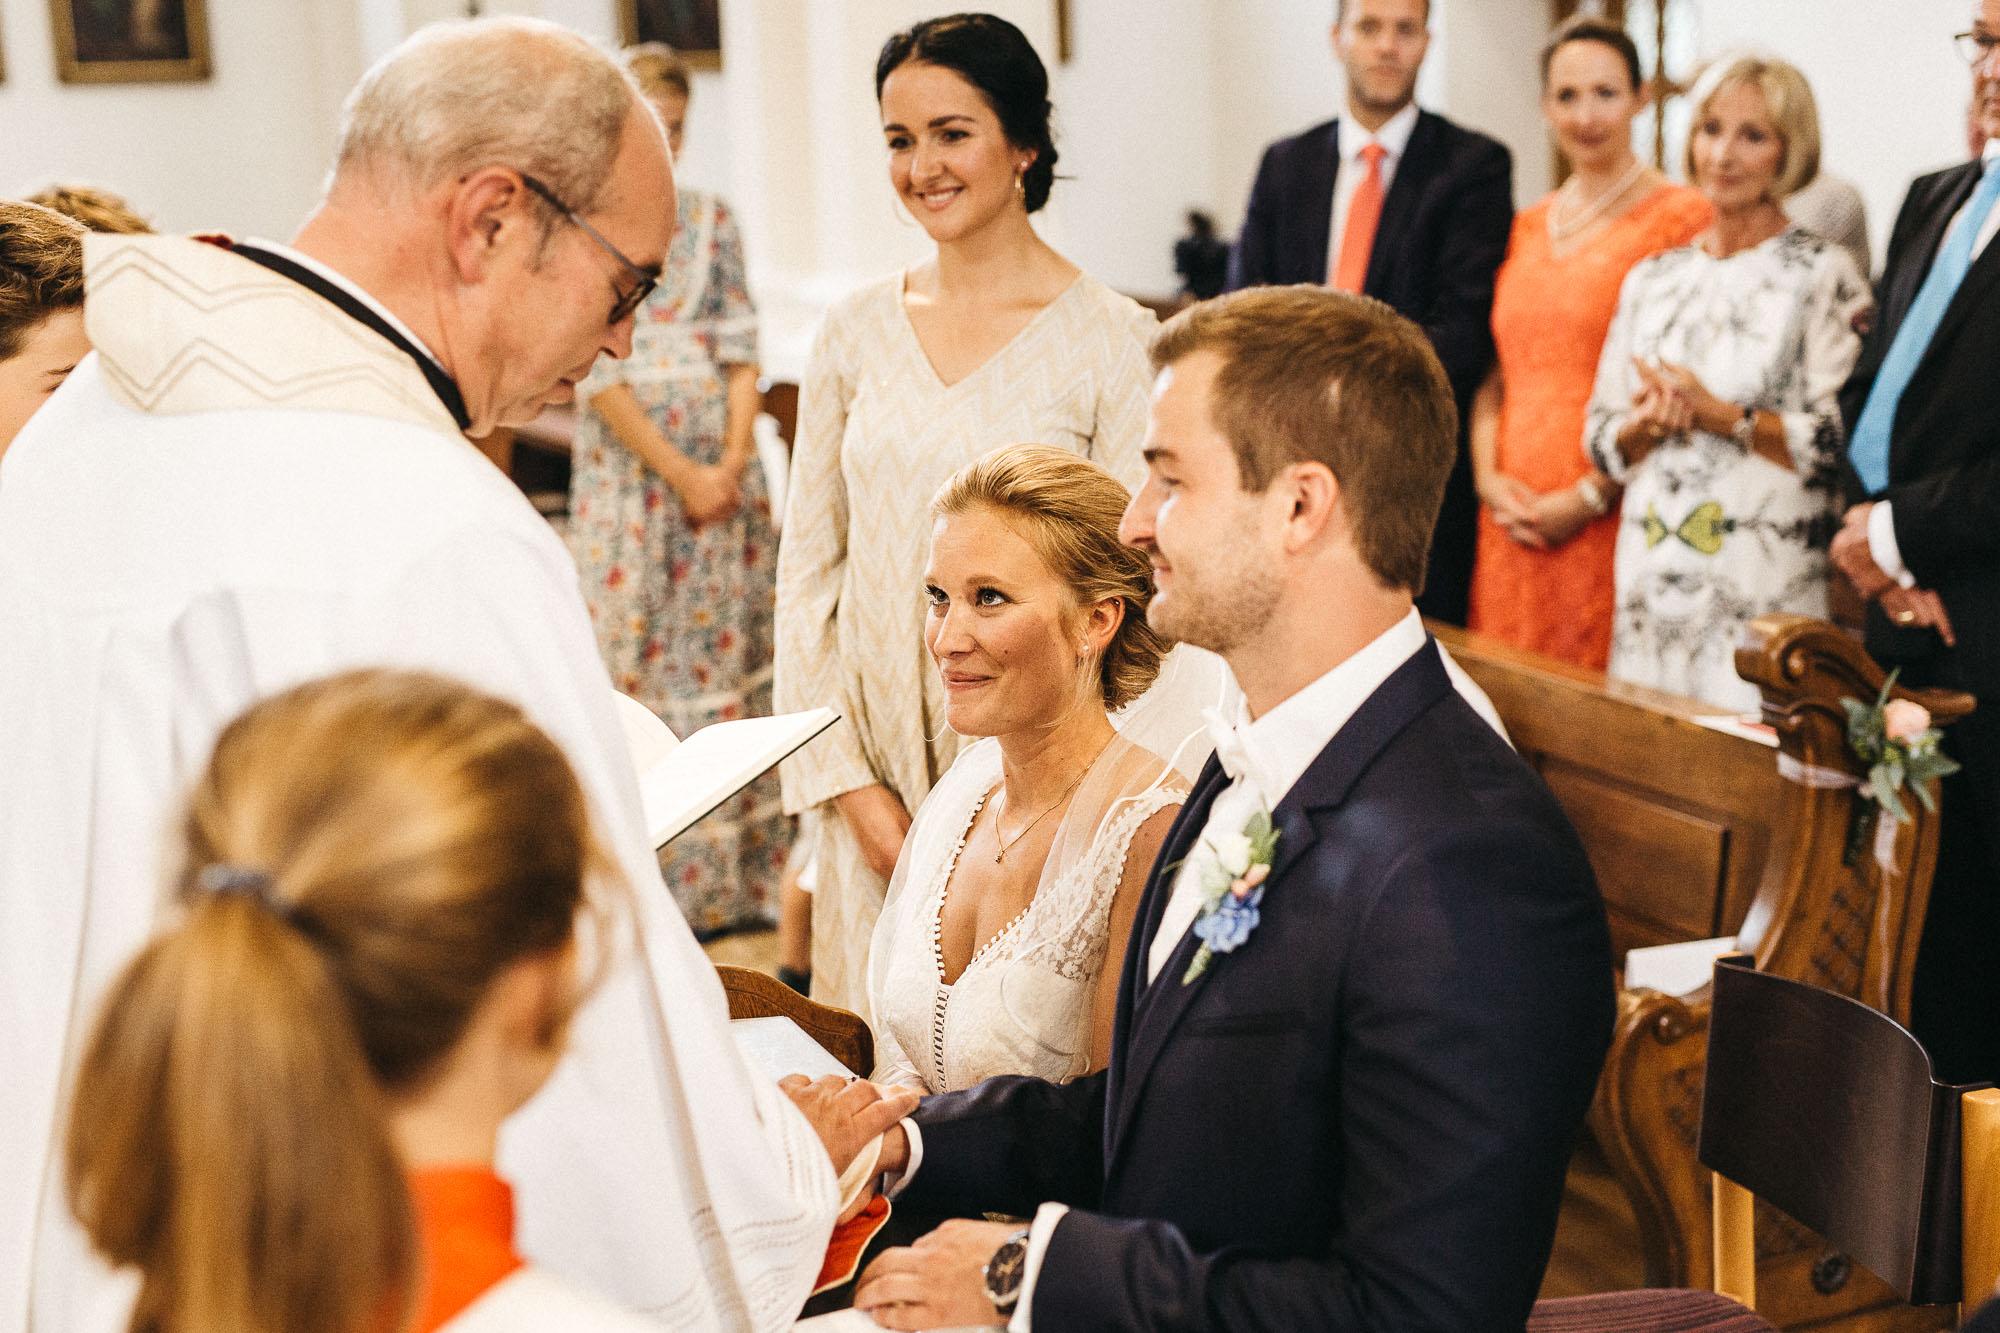 raissa simon photography wedding mosel kloster machern love authentic 197 - Kathrin + Dominik